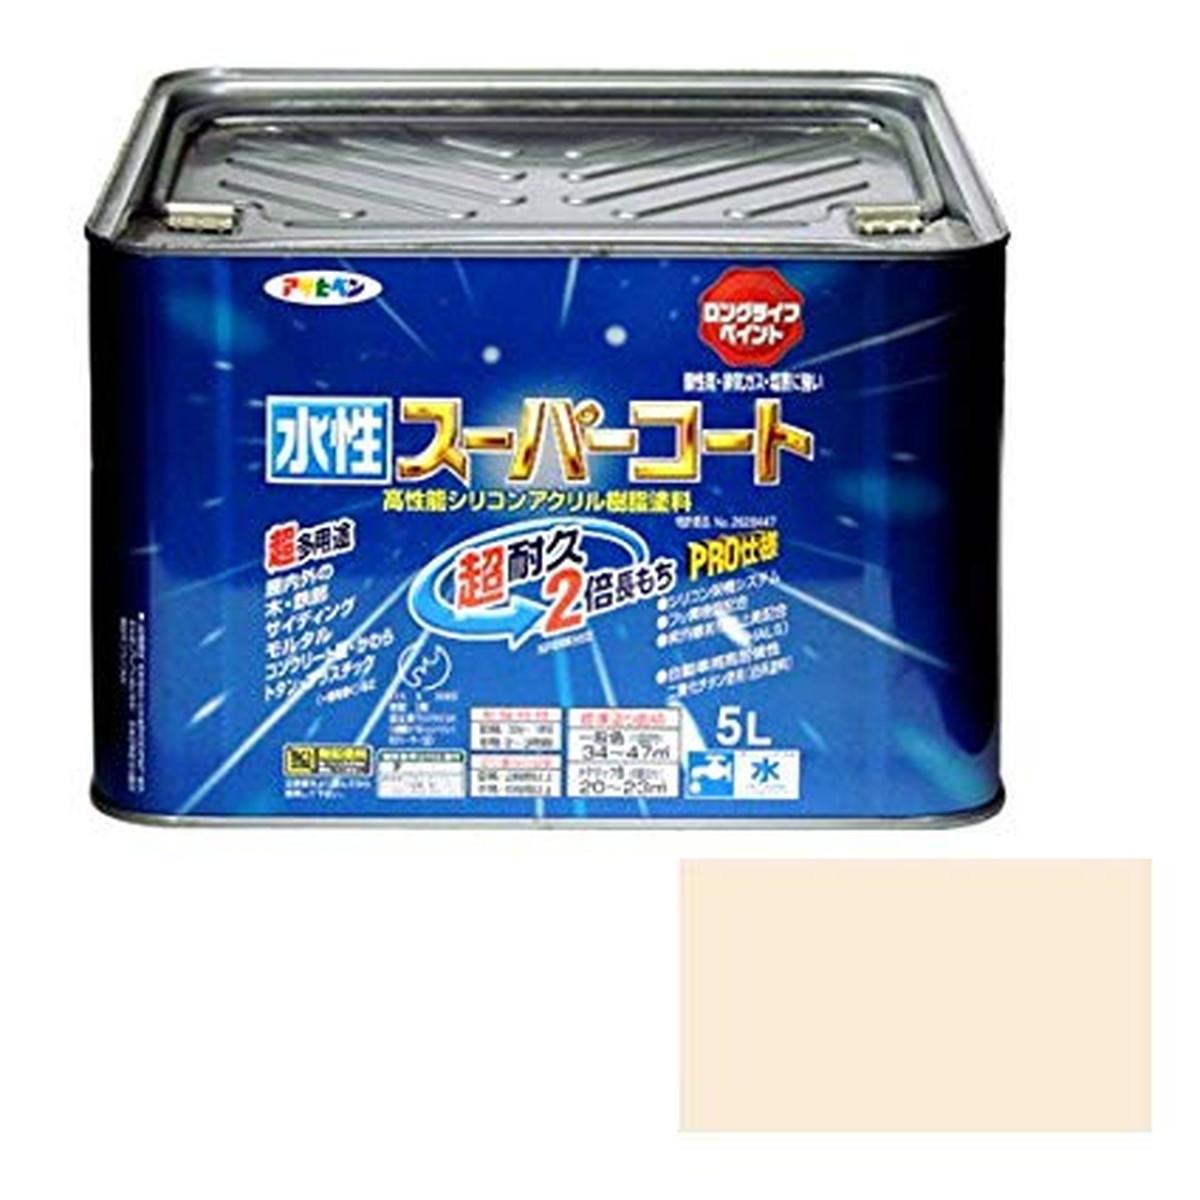 アサヒペン ペンキ 水性スーパーコート 水性多用途 ミルキーホワイト 5L【クーポン配布中】